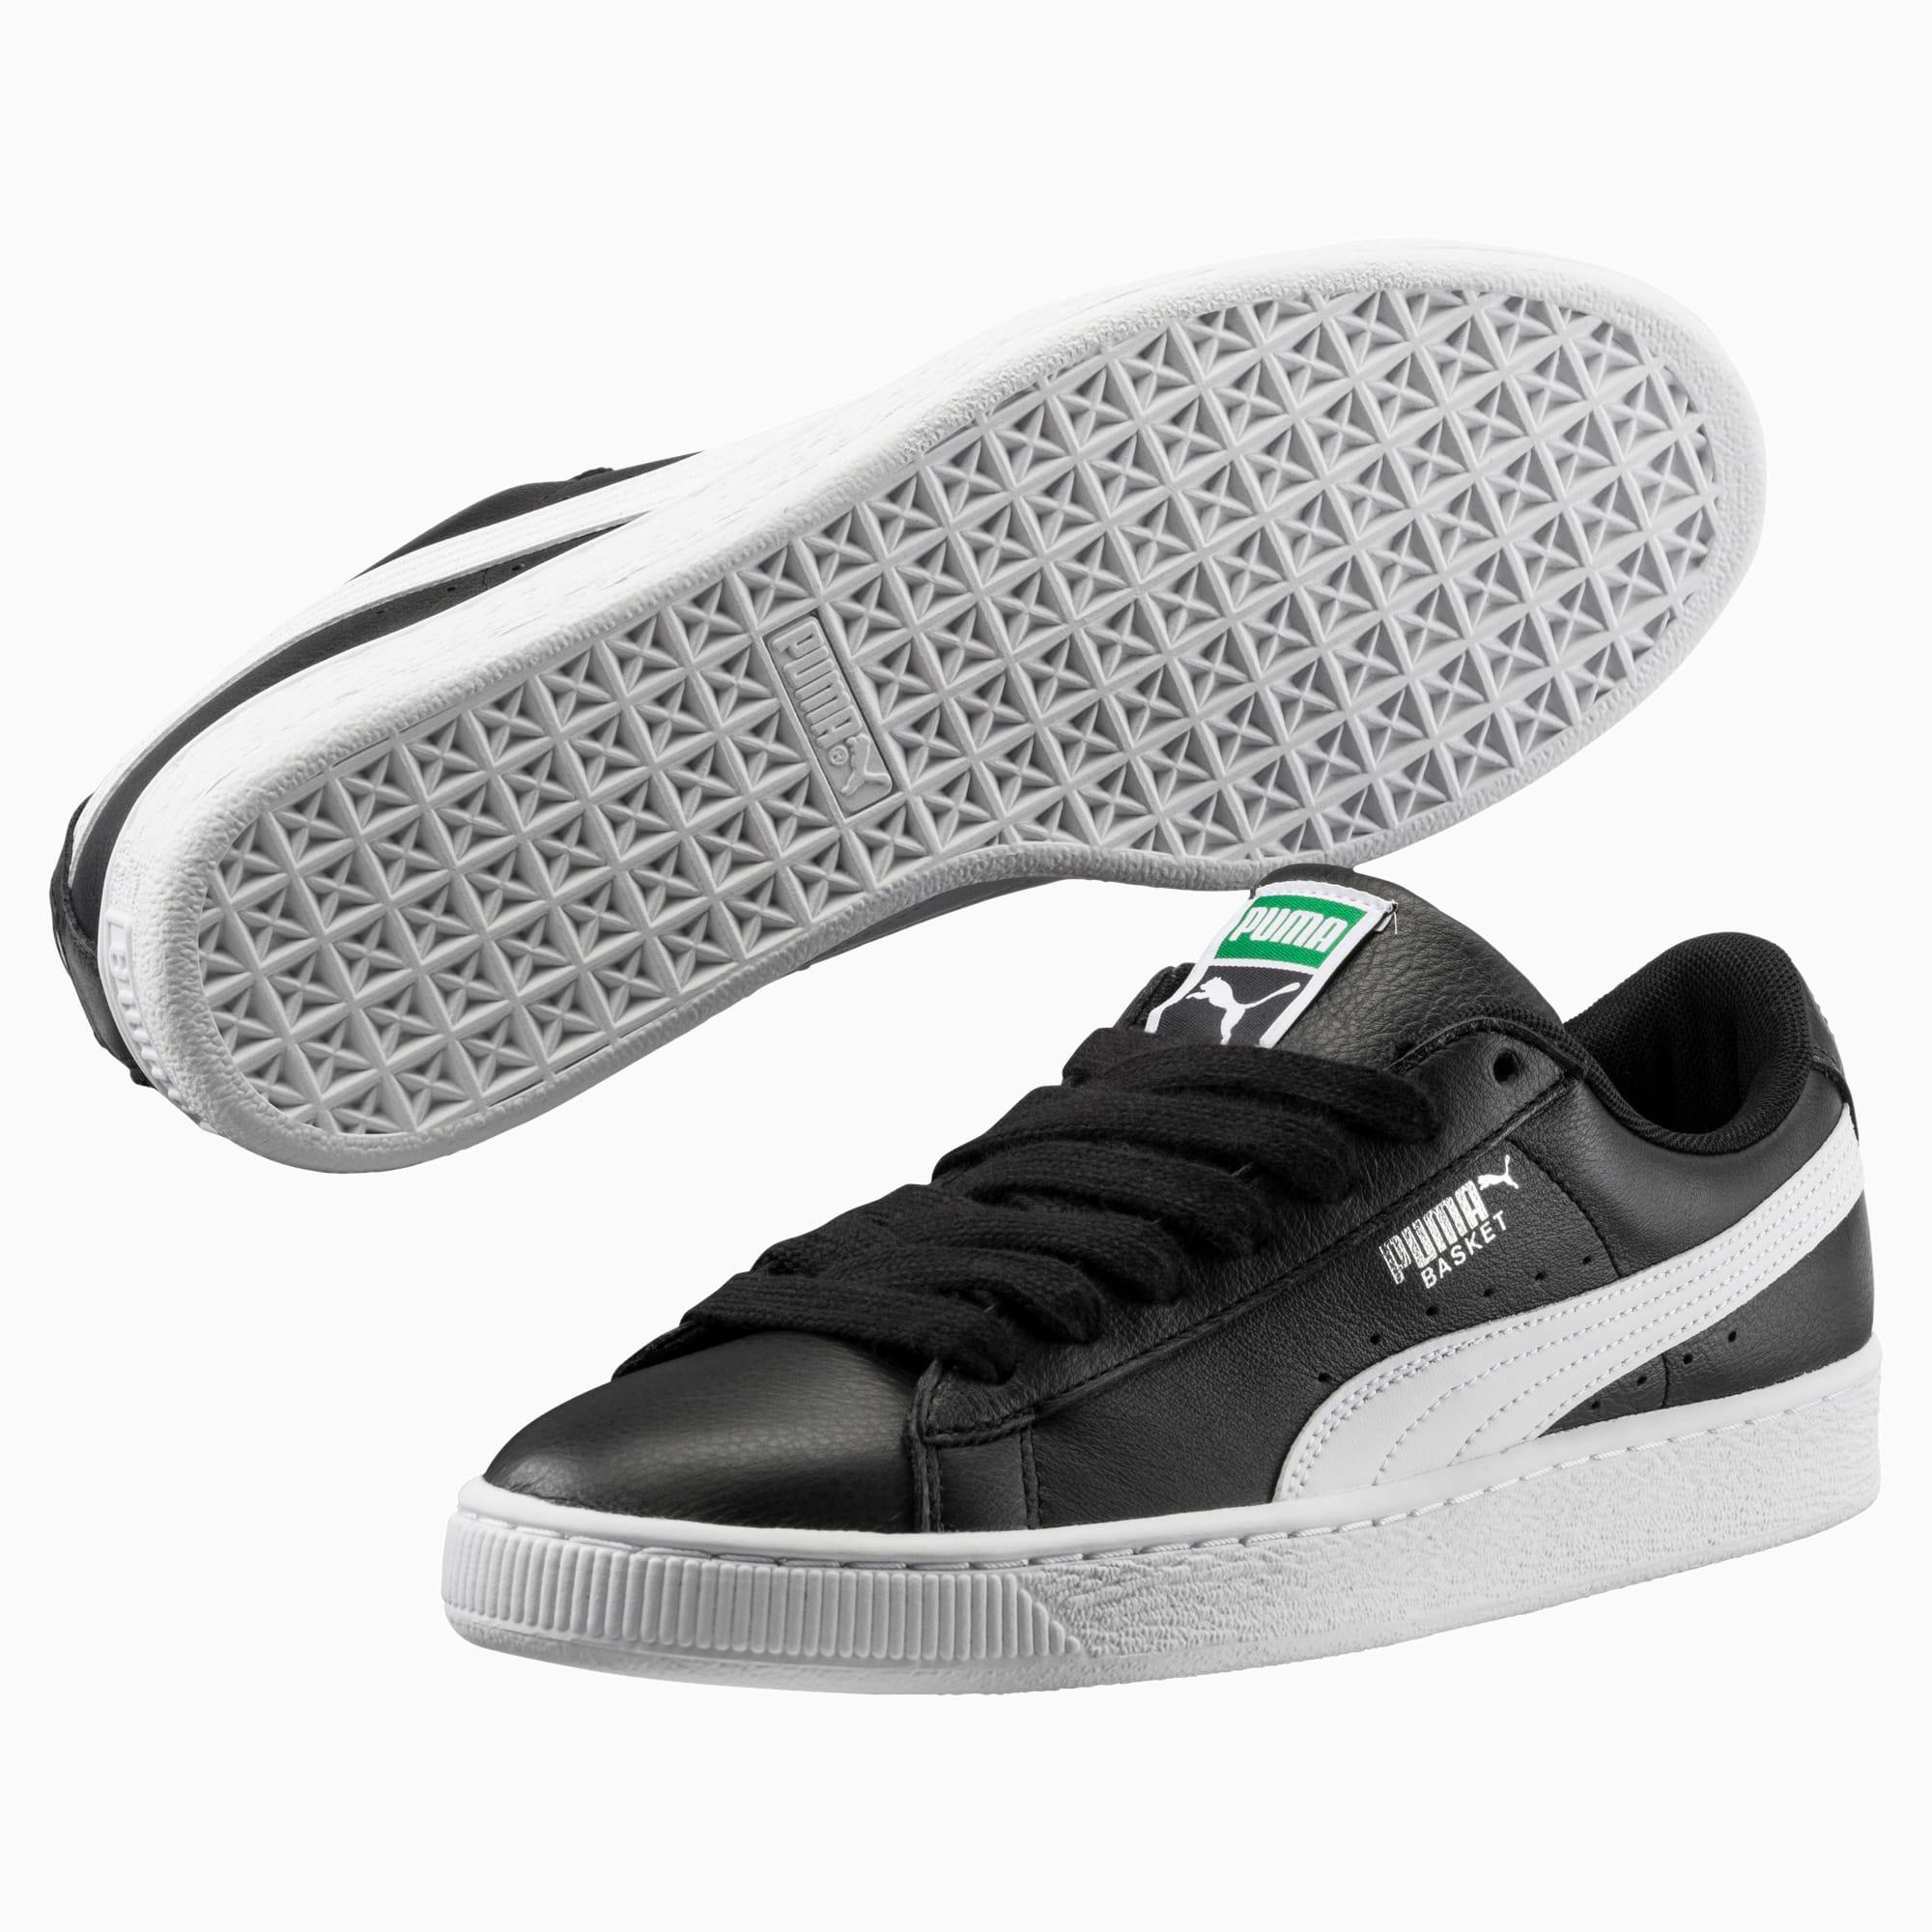 Basket Classic LFS Men's Shoes